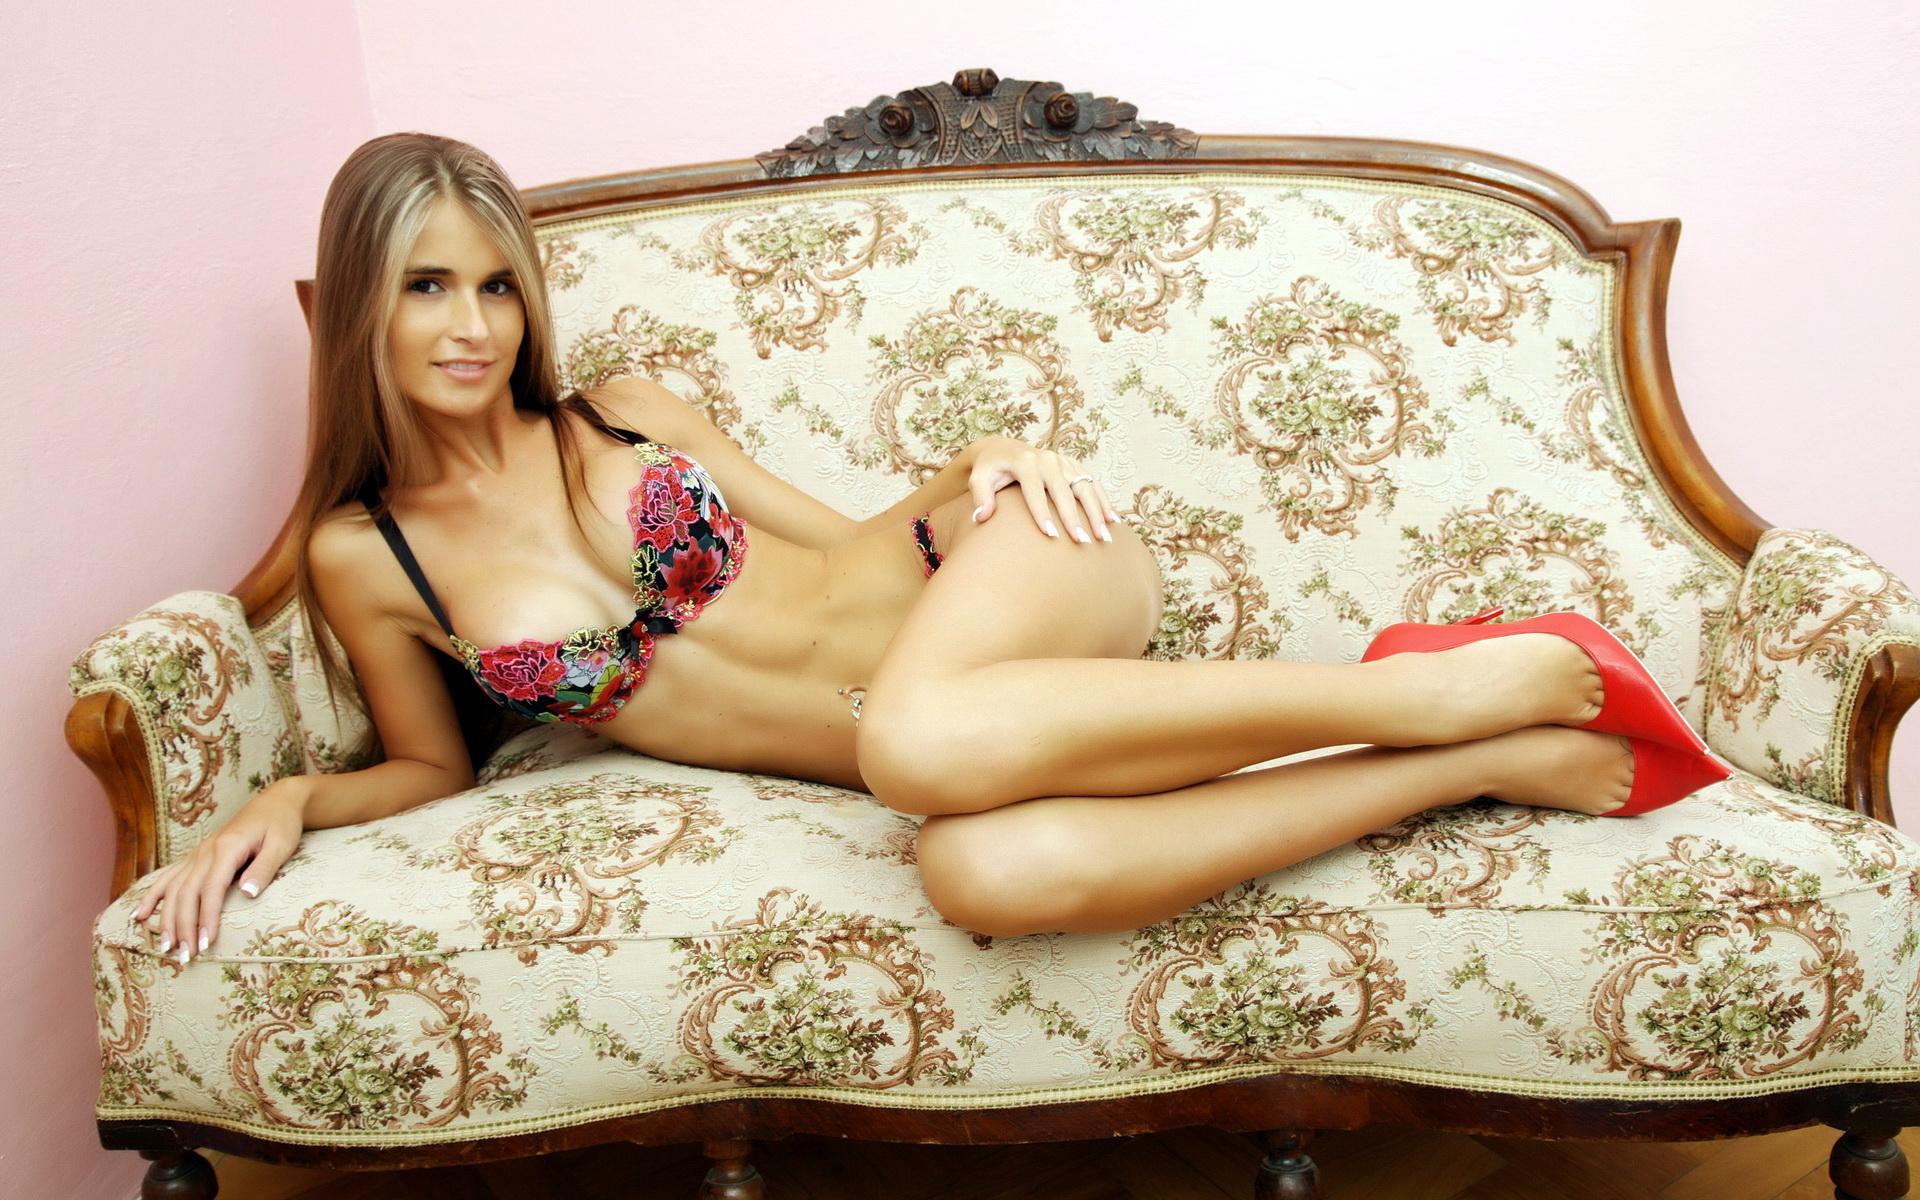 Фото голых худых жон, Голые худенькие девушки с тощими попками и упругими 20 фотография